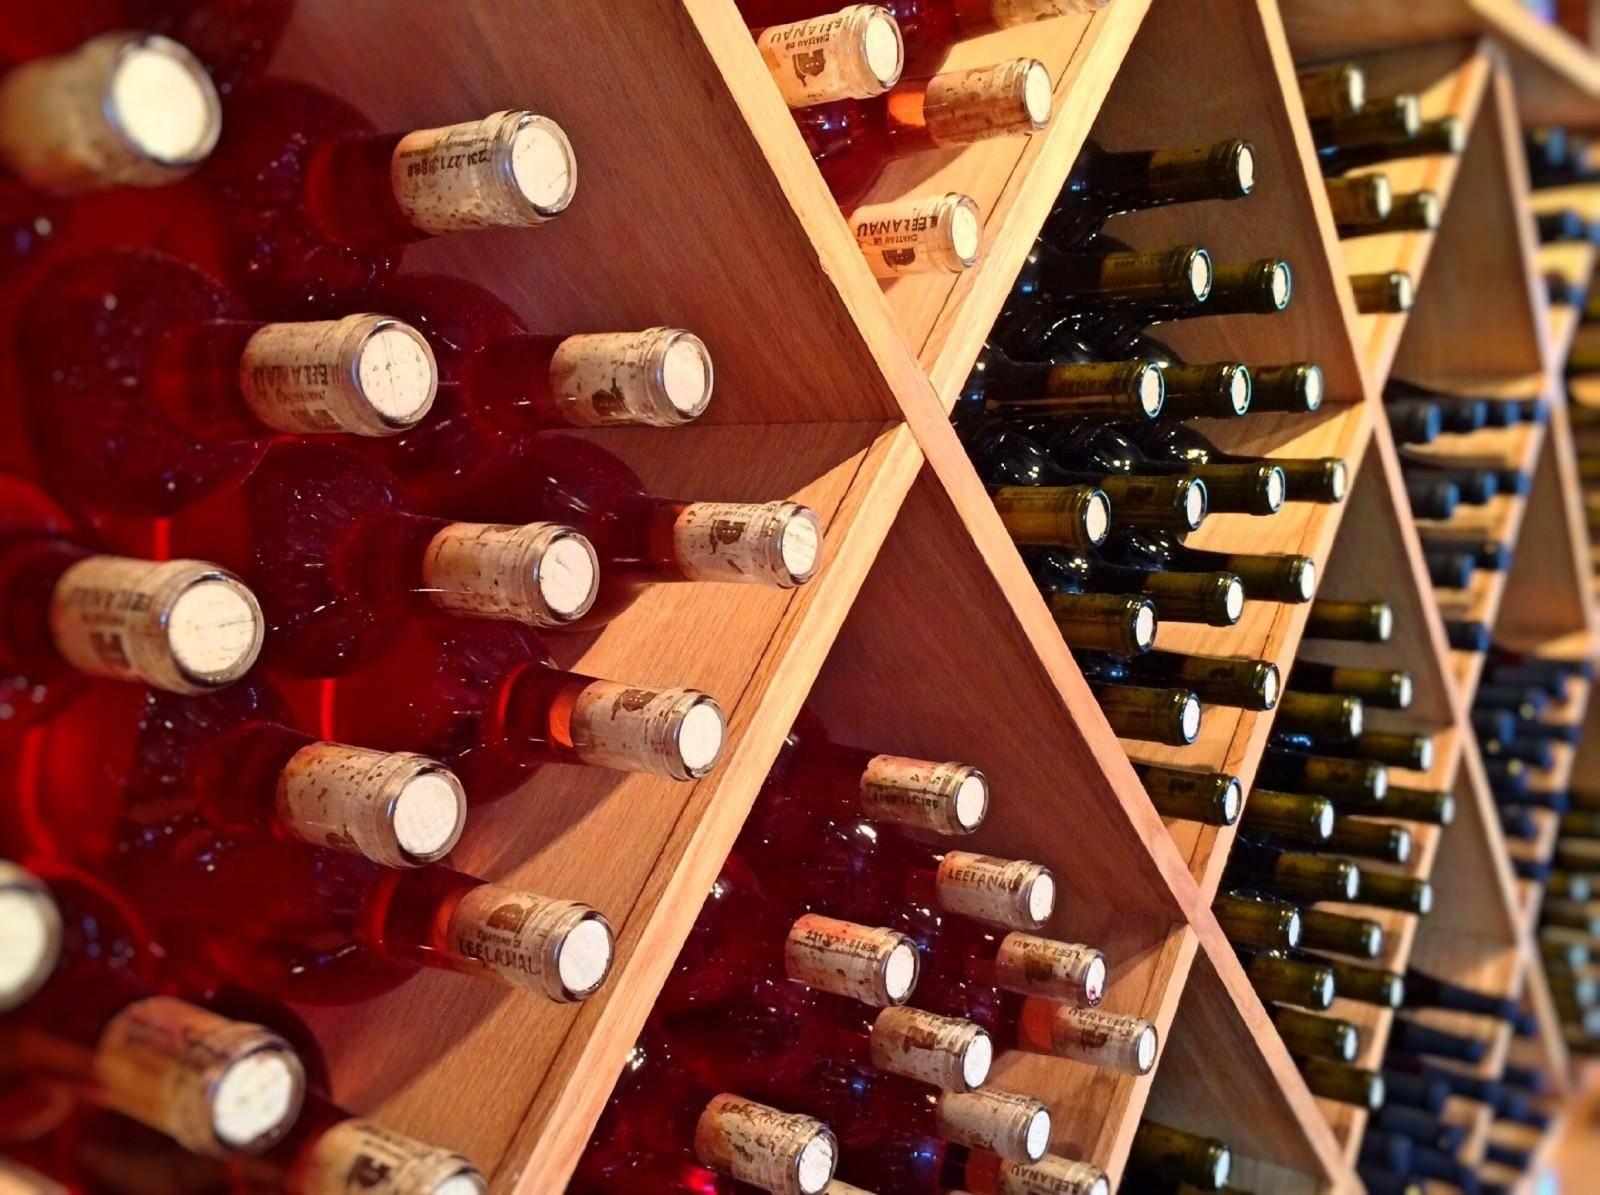 #PraCegoVer: Garrafas de vinho estão dispostas em uma adega.